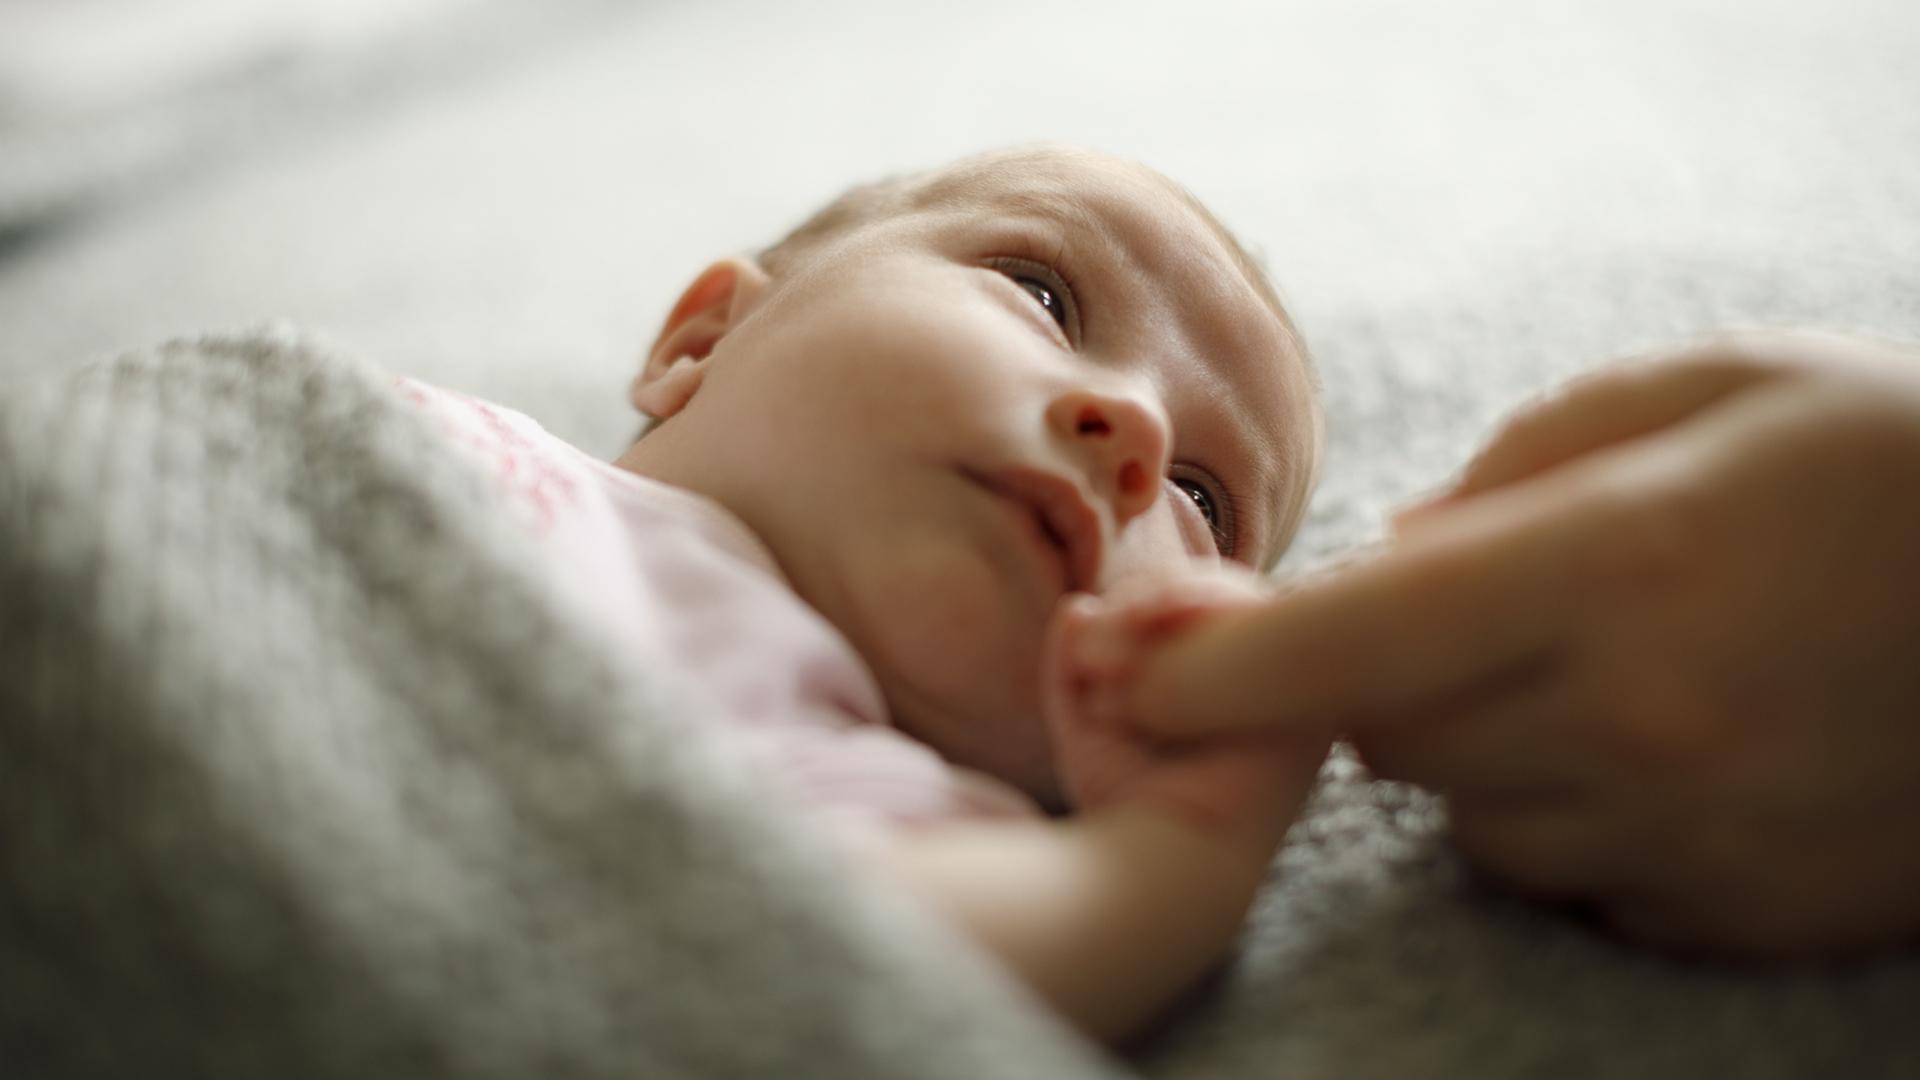 Avioliiton ulkopuolella on syntynyt sama määrä lapsia jo satoja vuosia.